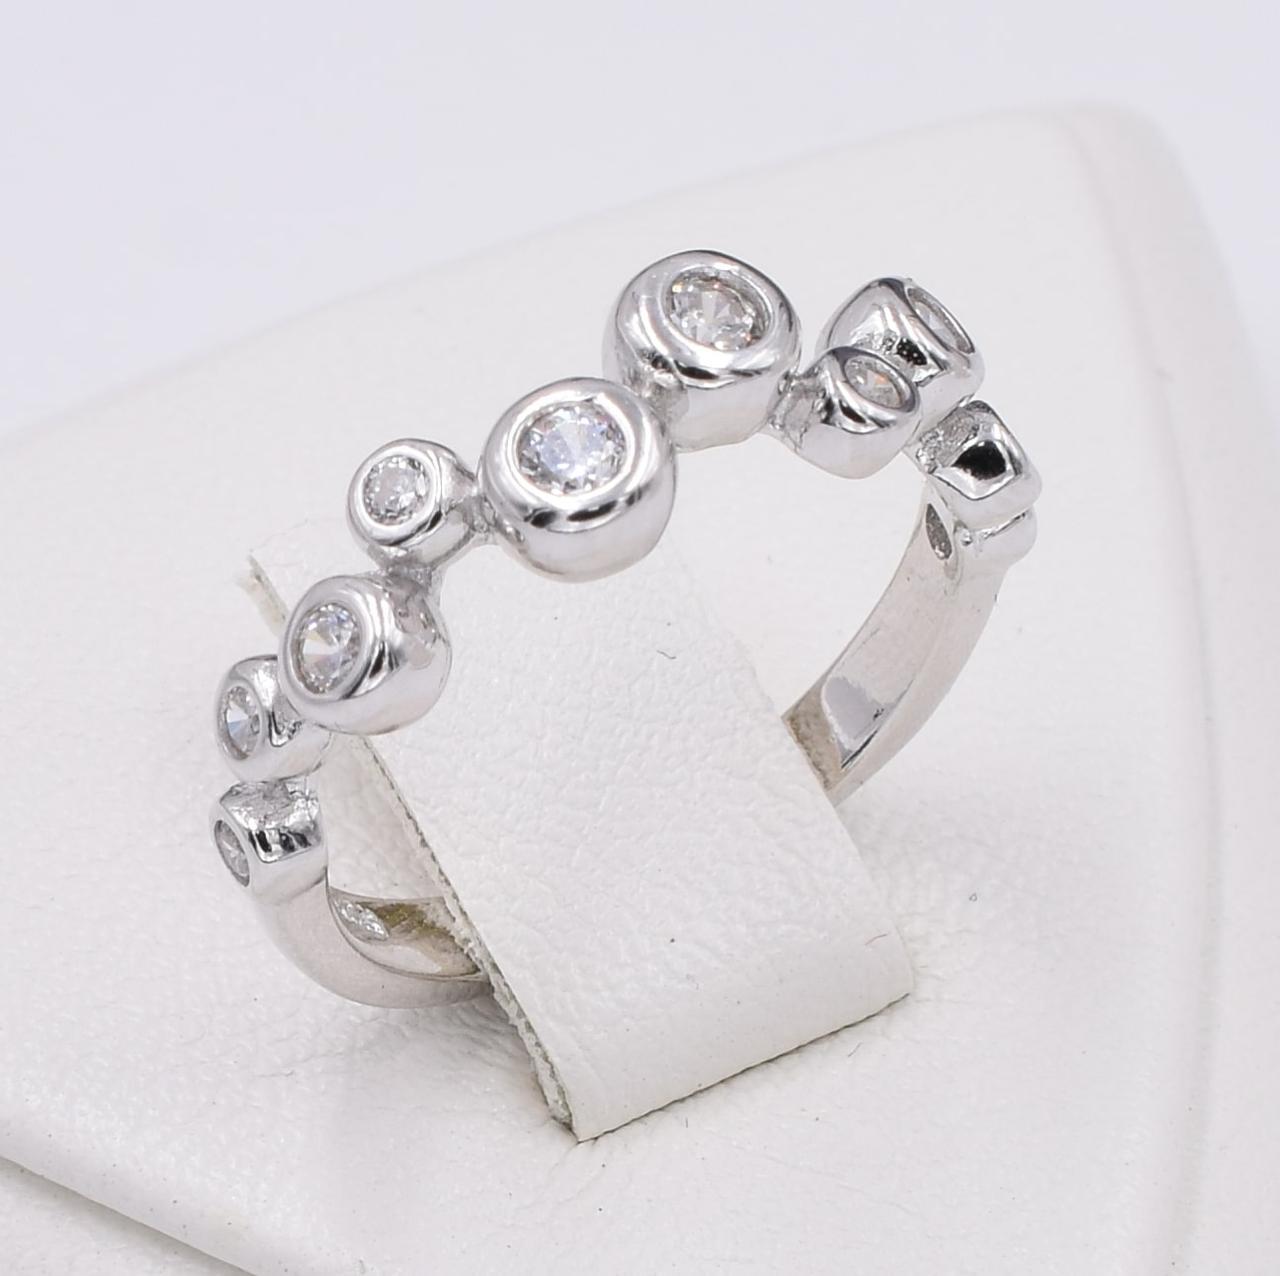 Серебряное кольцо размер 17 ширина 6 мм вставка белые фианиты вес 2.5 г